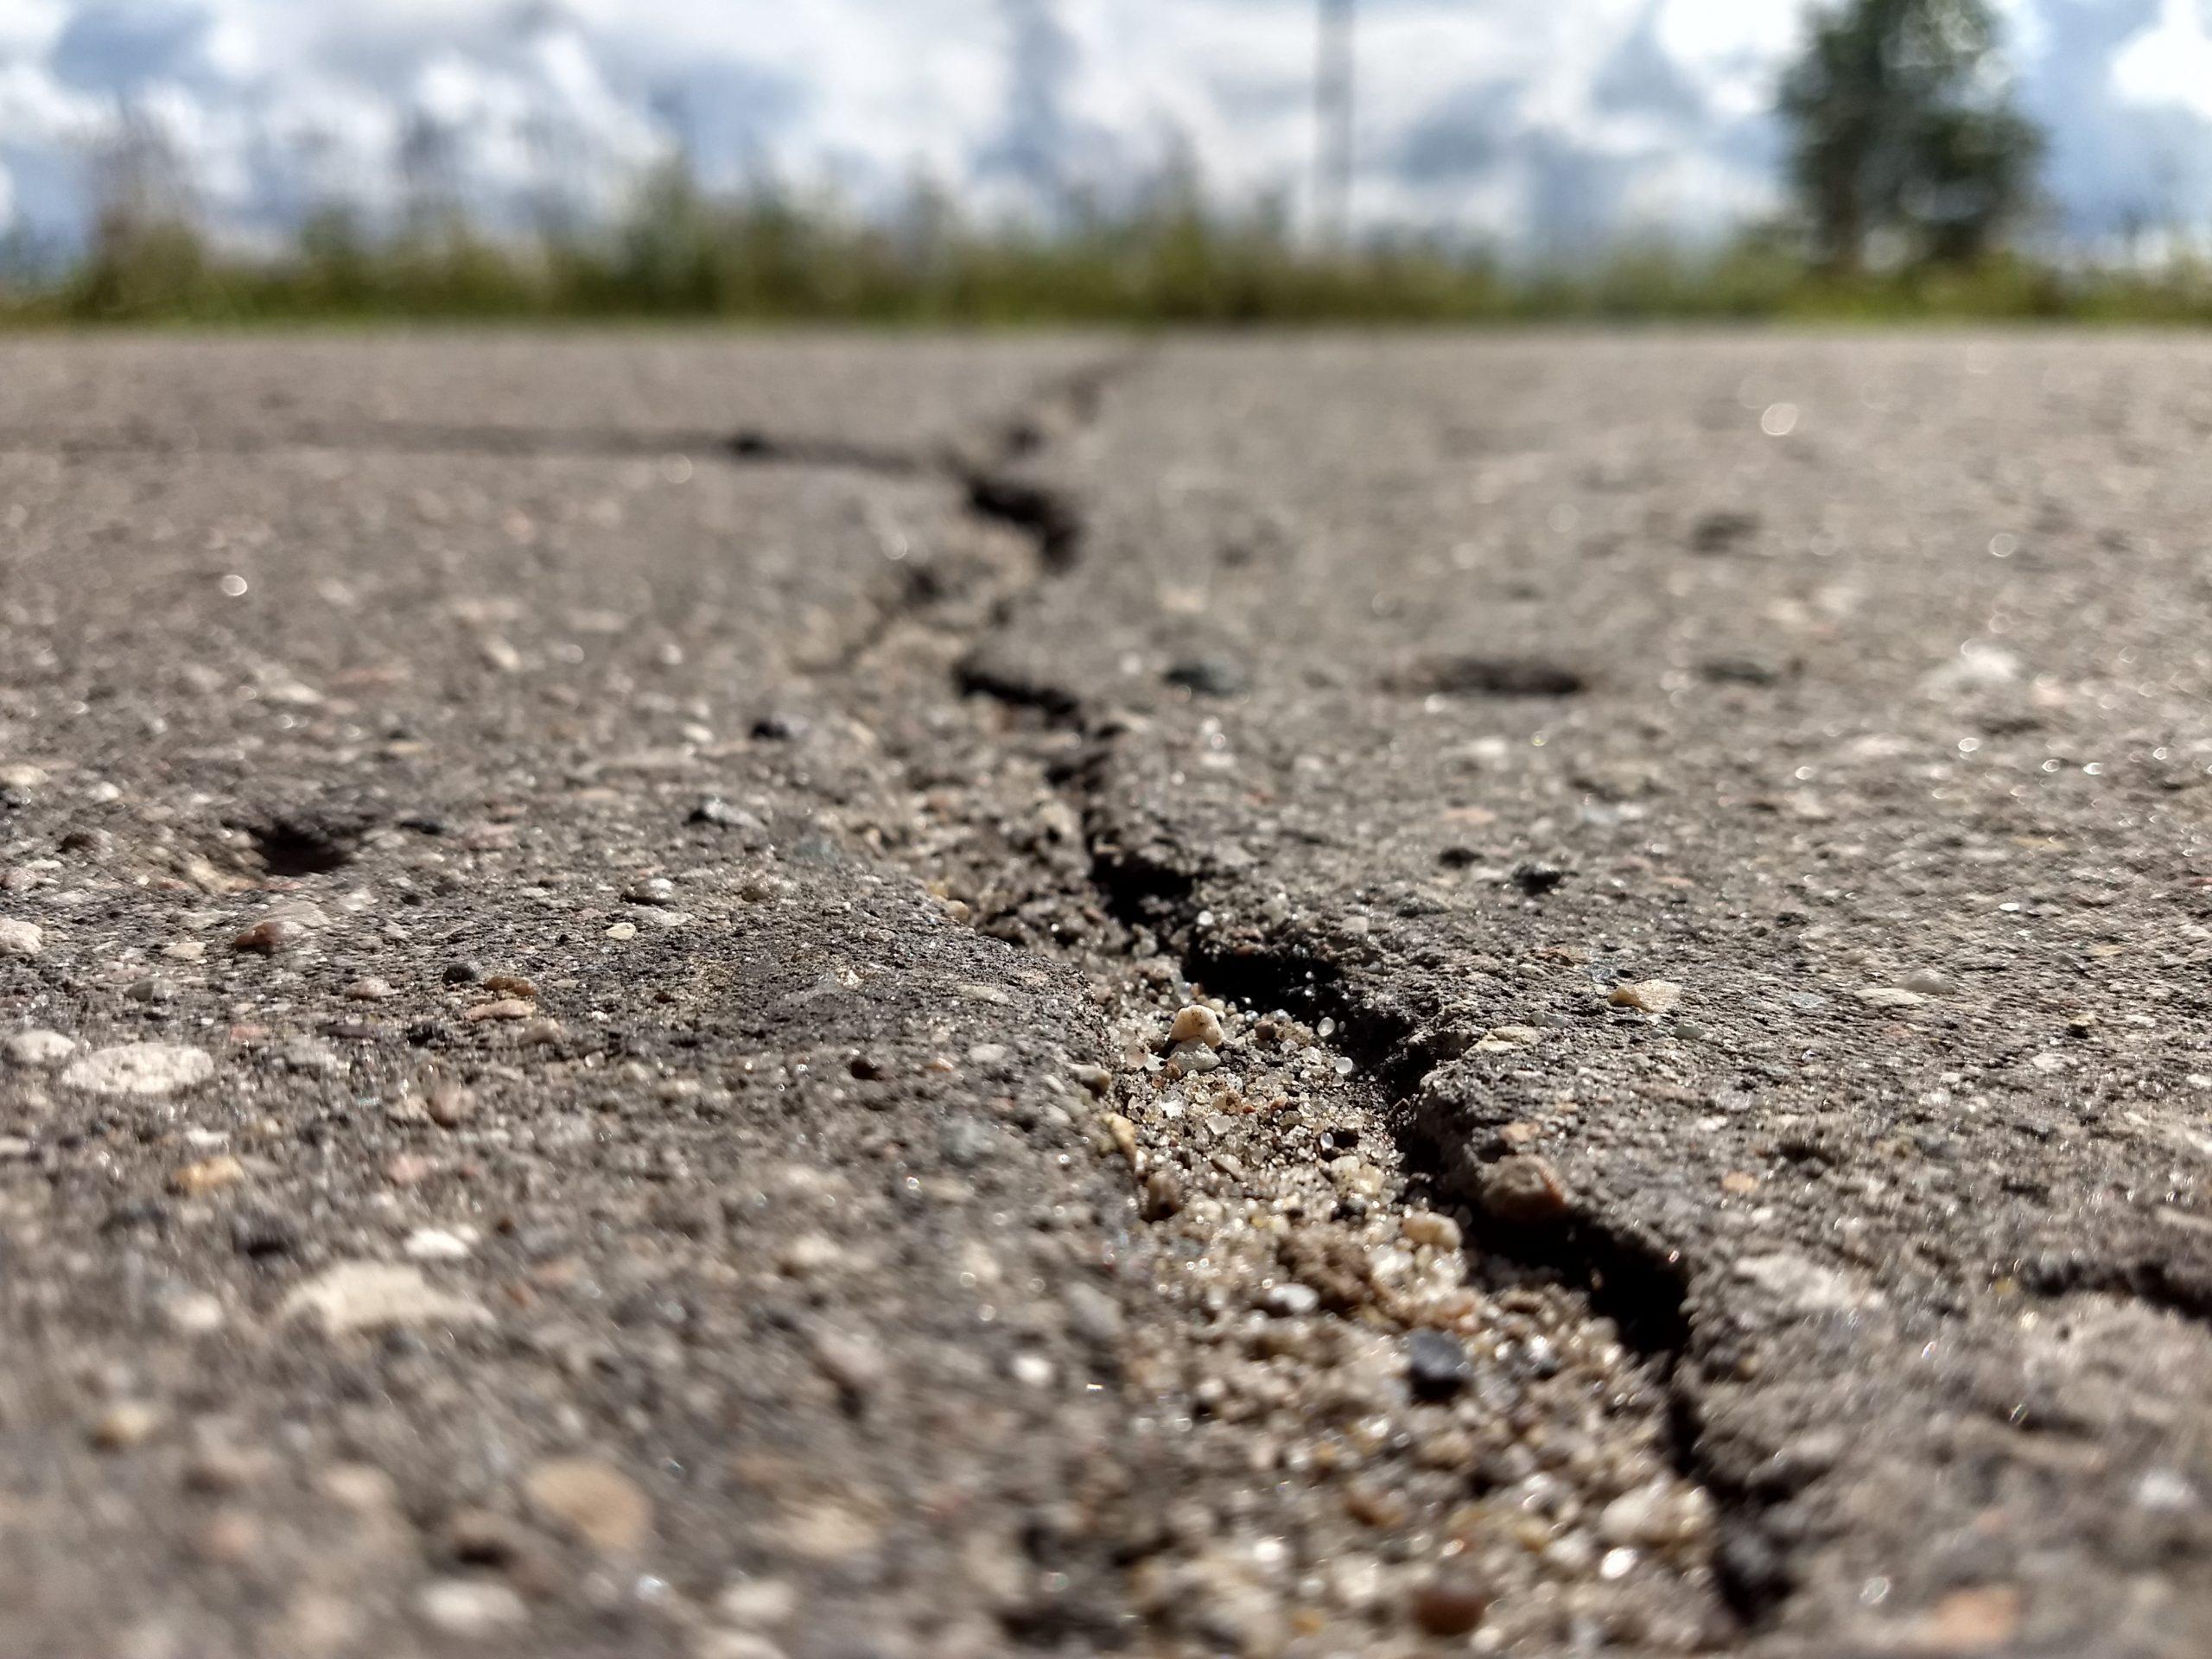 В ДТП у поселка Петровский на трассе Тейково-Гаврилов-Посад есть пострадавшие